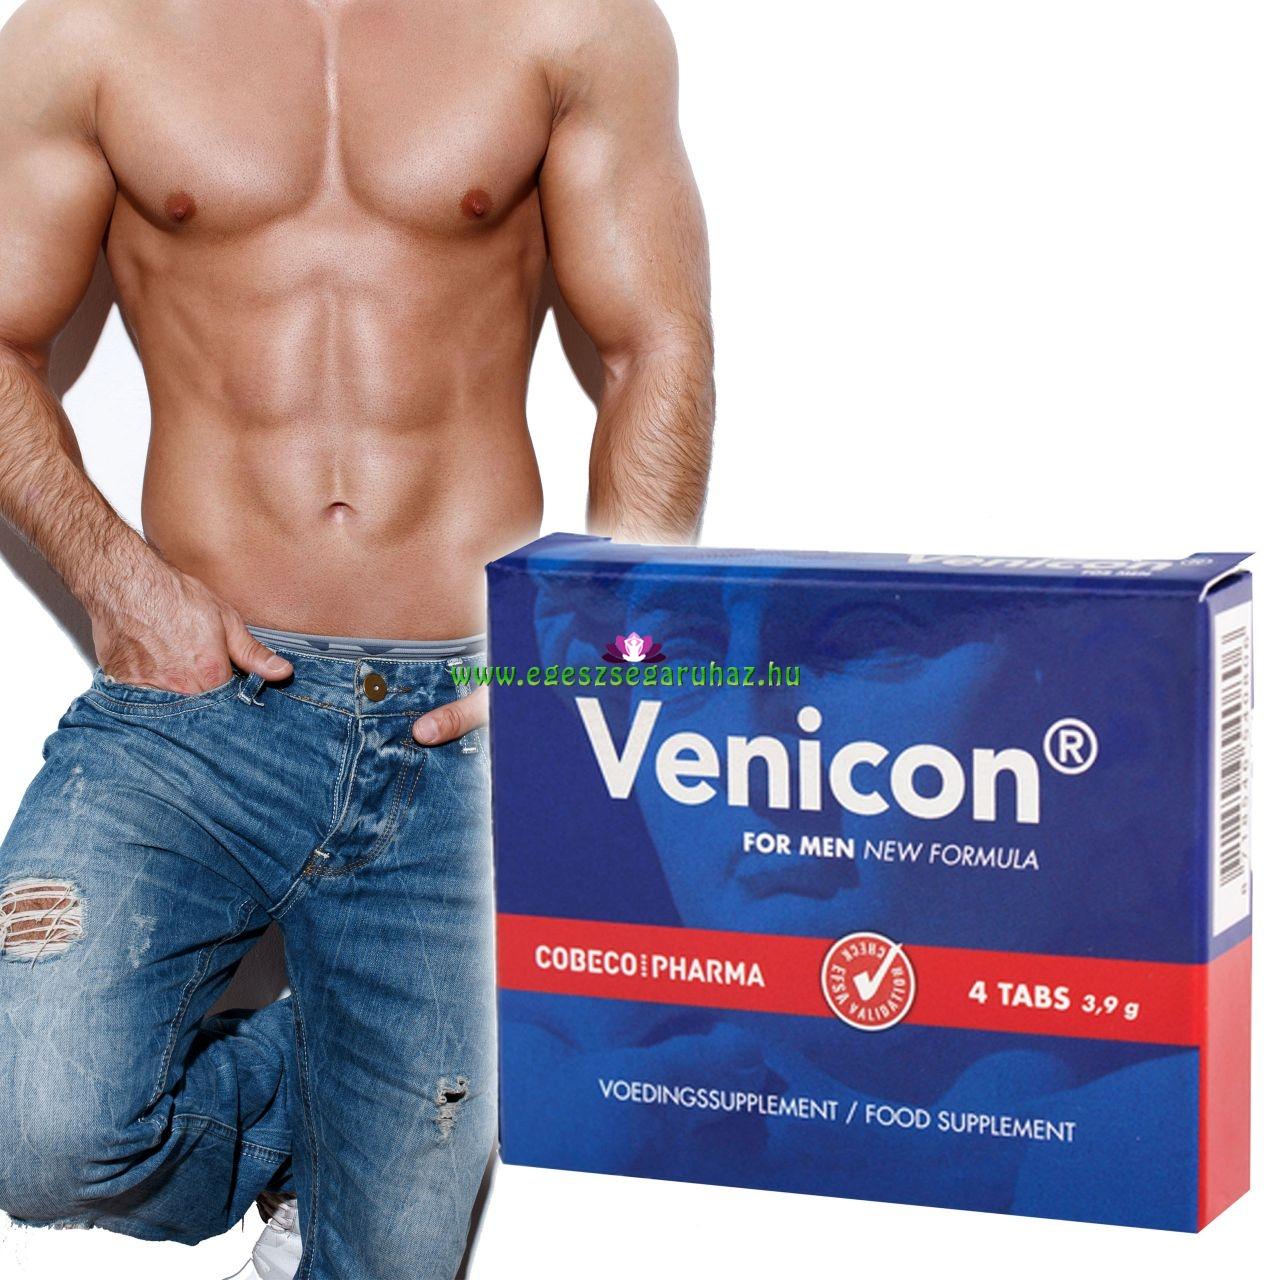 kegel gyakorlatok férfiak erekciójának prosztatagyulladásos erekciós tabletták